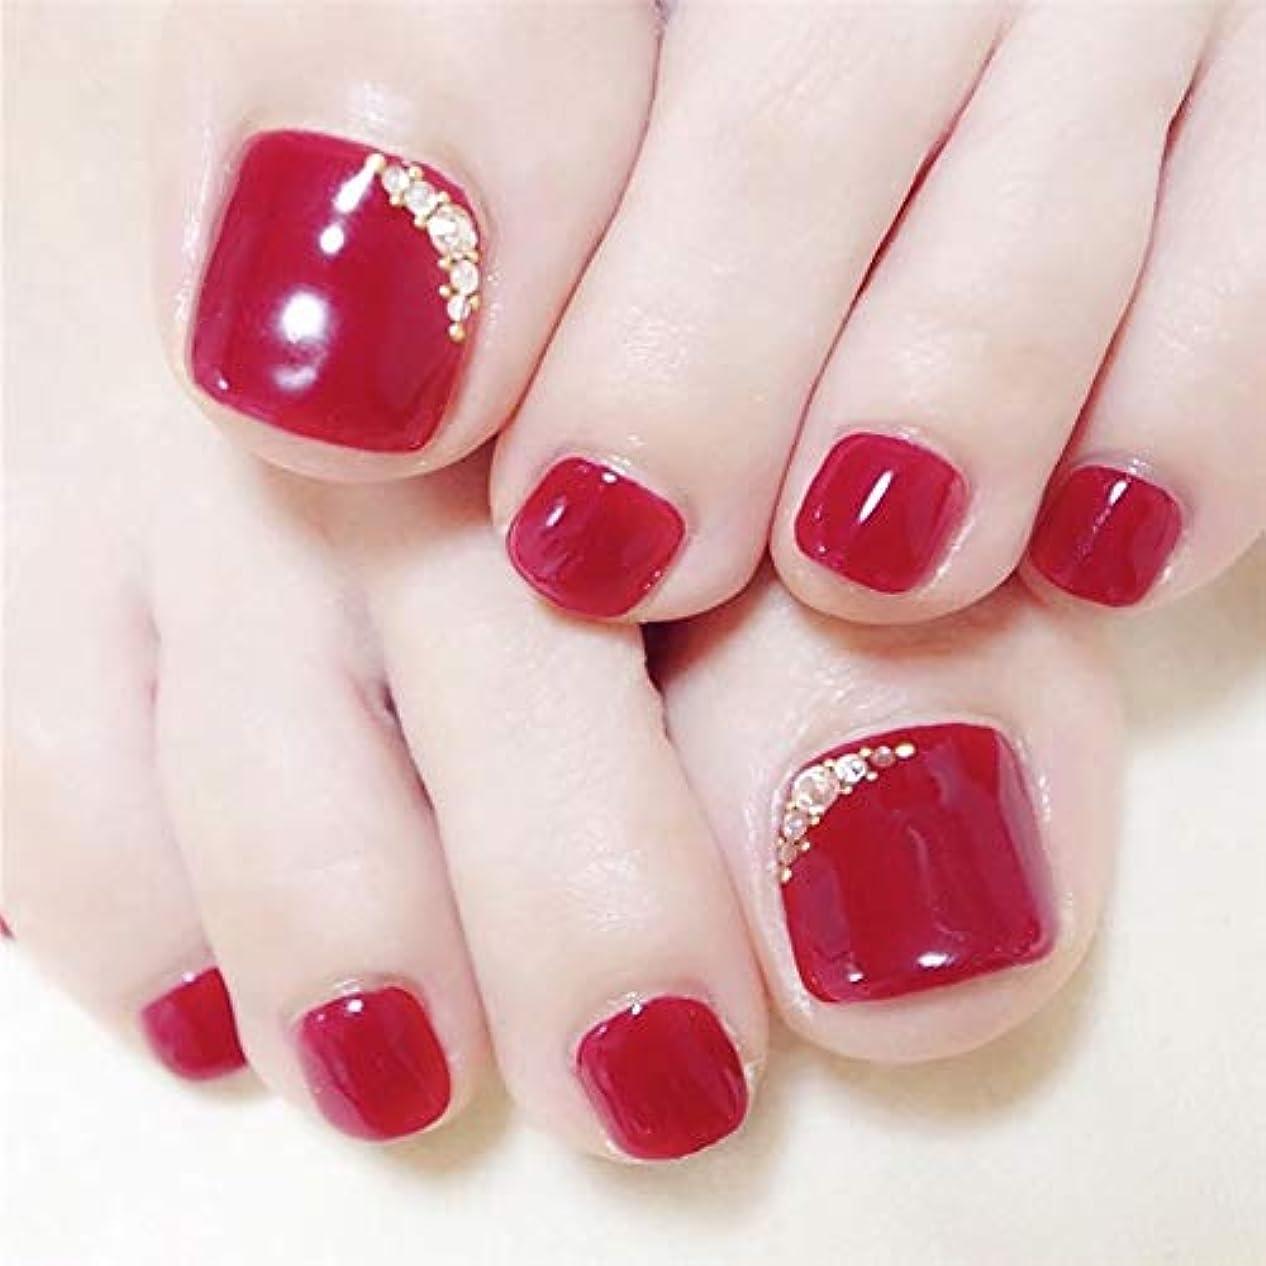 よく話される賞賛再発するSIFASHION ネイル花嫁 ビーチ パーティー 足の爪のネイルチップ レッドフラッシュドリル 手作りネイルチップ 足指の爪